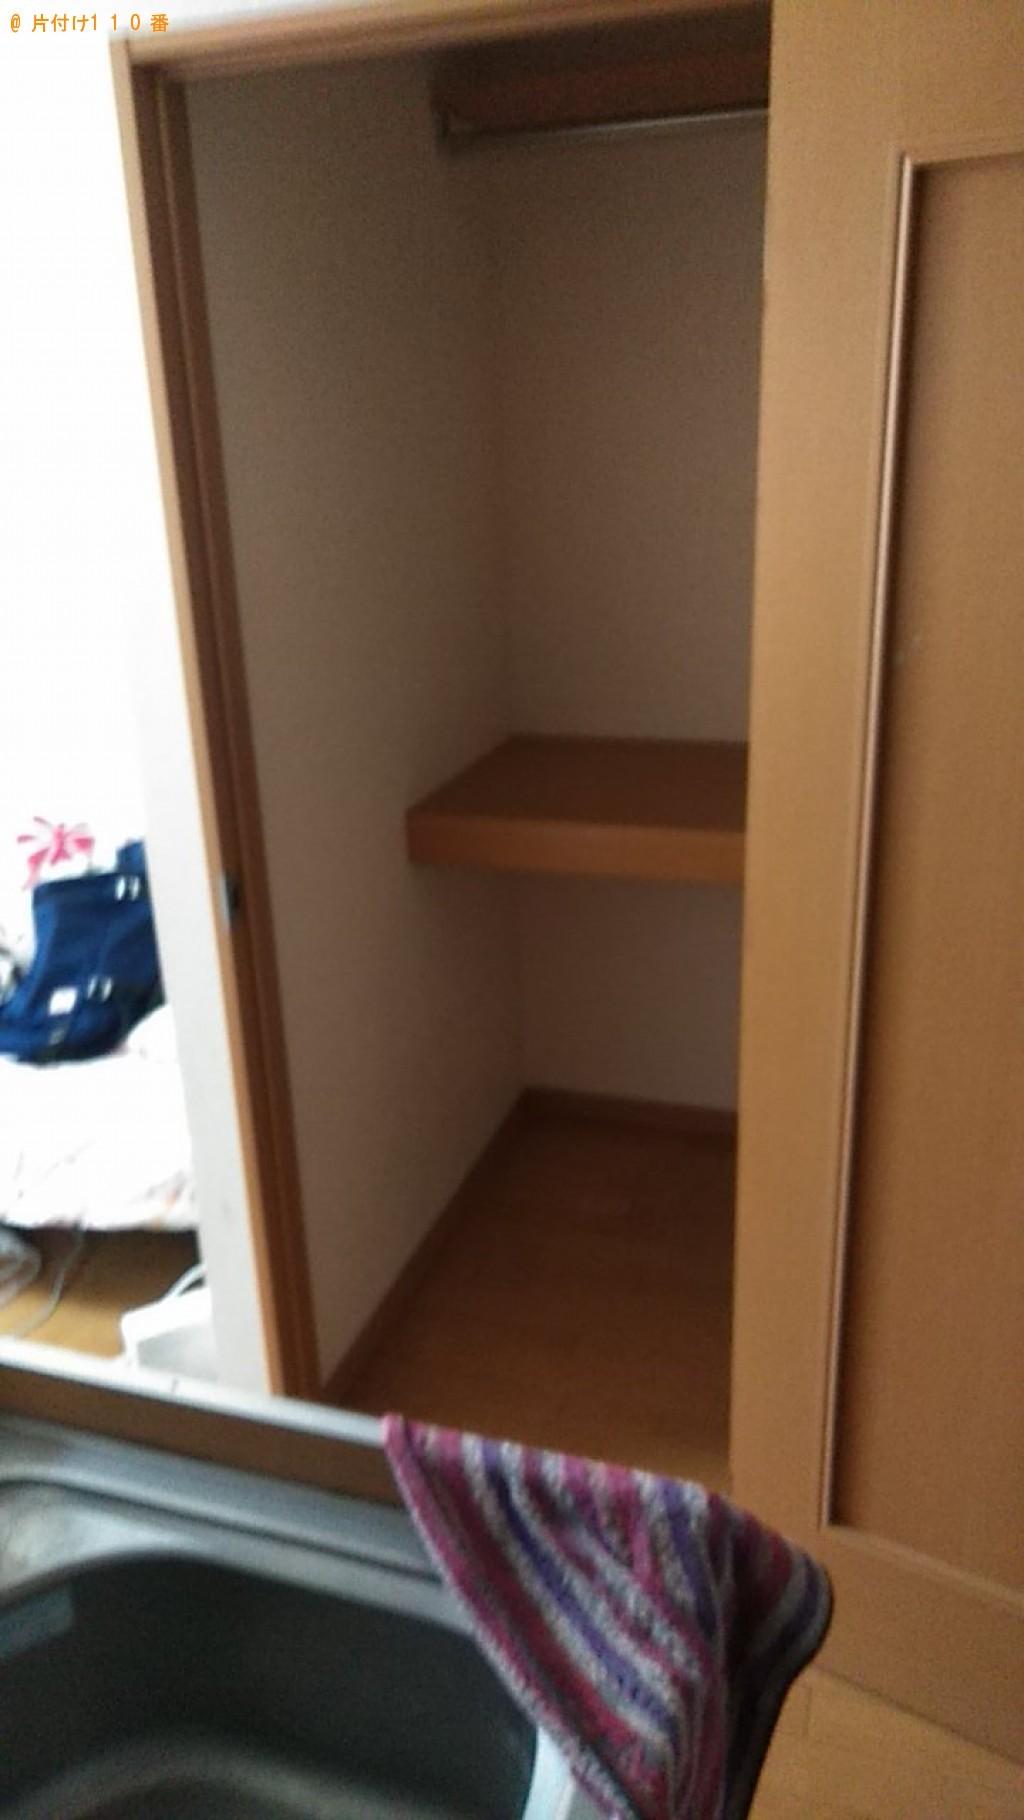 【松山市喜与町】冷蔵庫、電子レンジ、炊飯器、洗濯機等の回収・処分